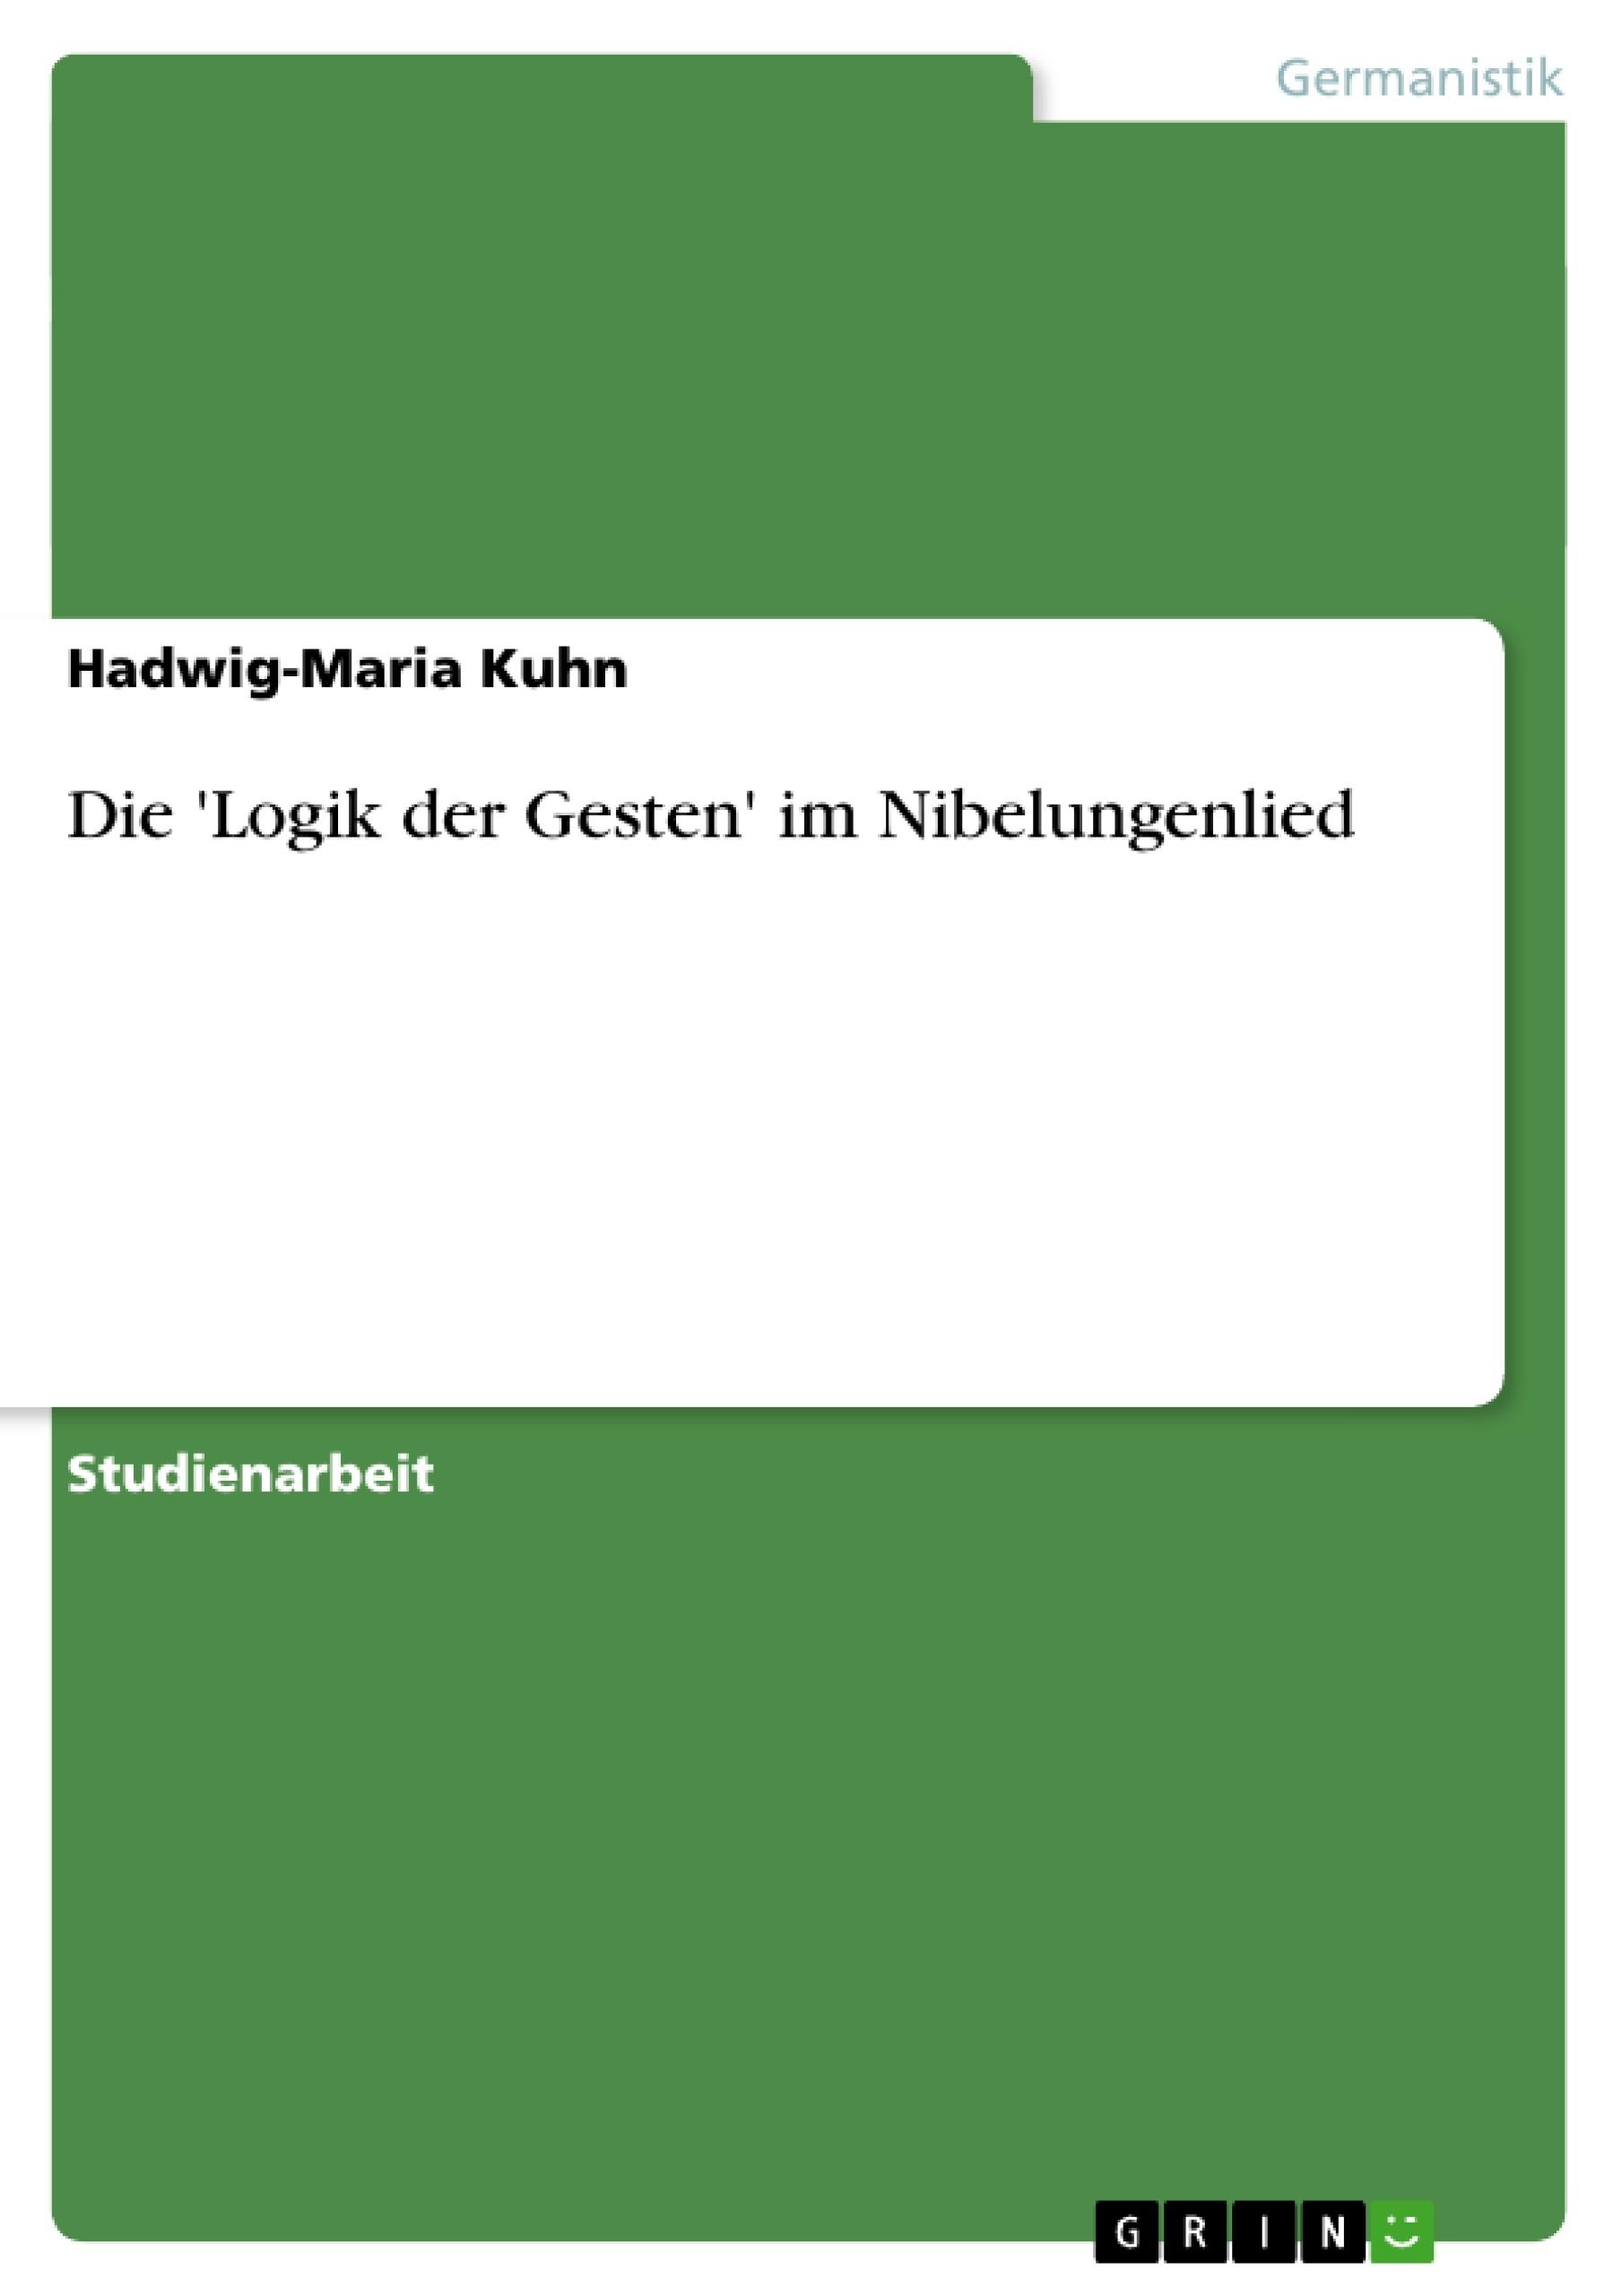 Titel: Die 'Logik der Gesten' im Nibelungenlied